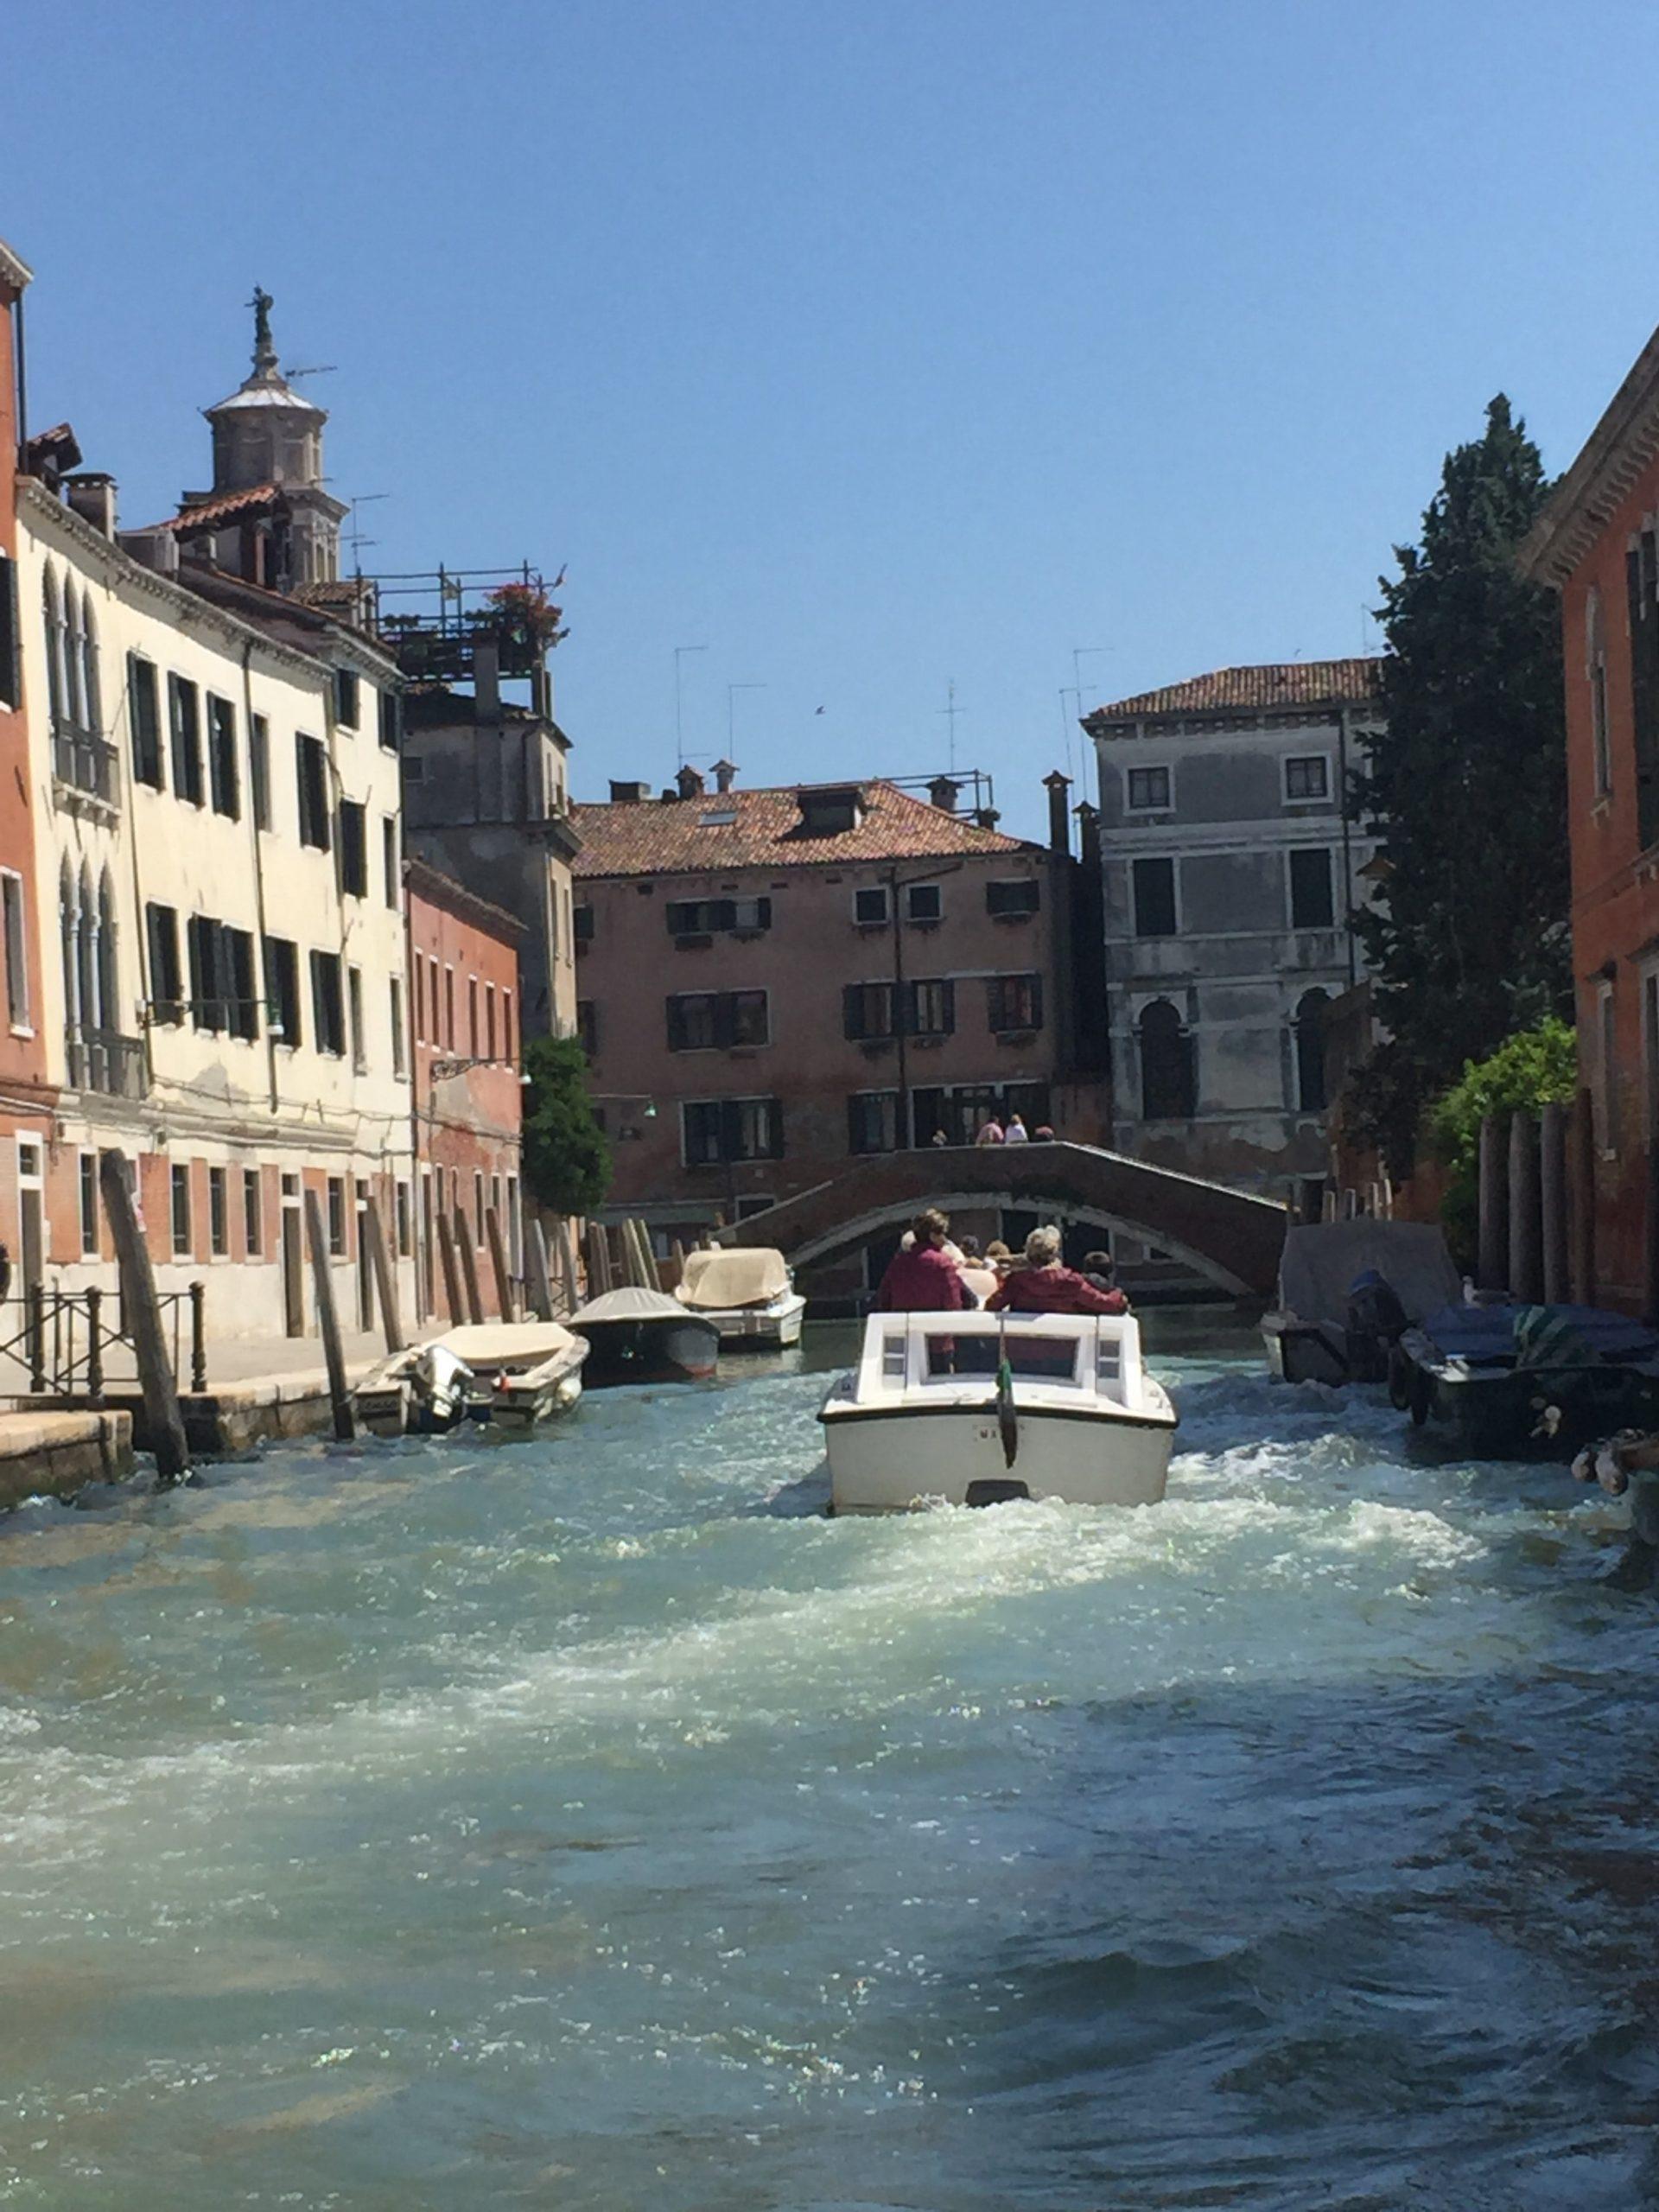 venezia motoscafo scaled - 03 ottobre 2020 Panoramico Canal Grande - Venezia